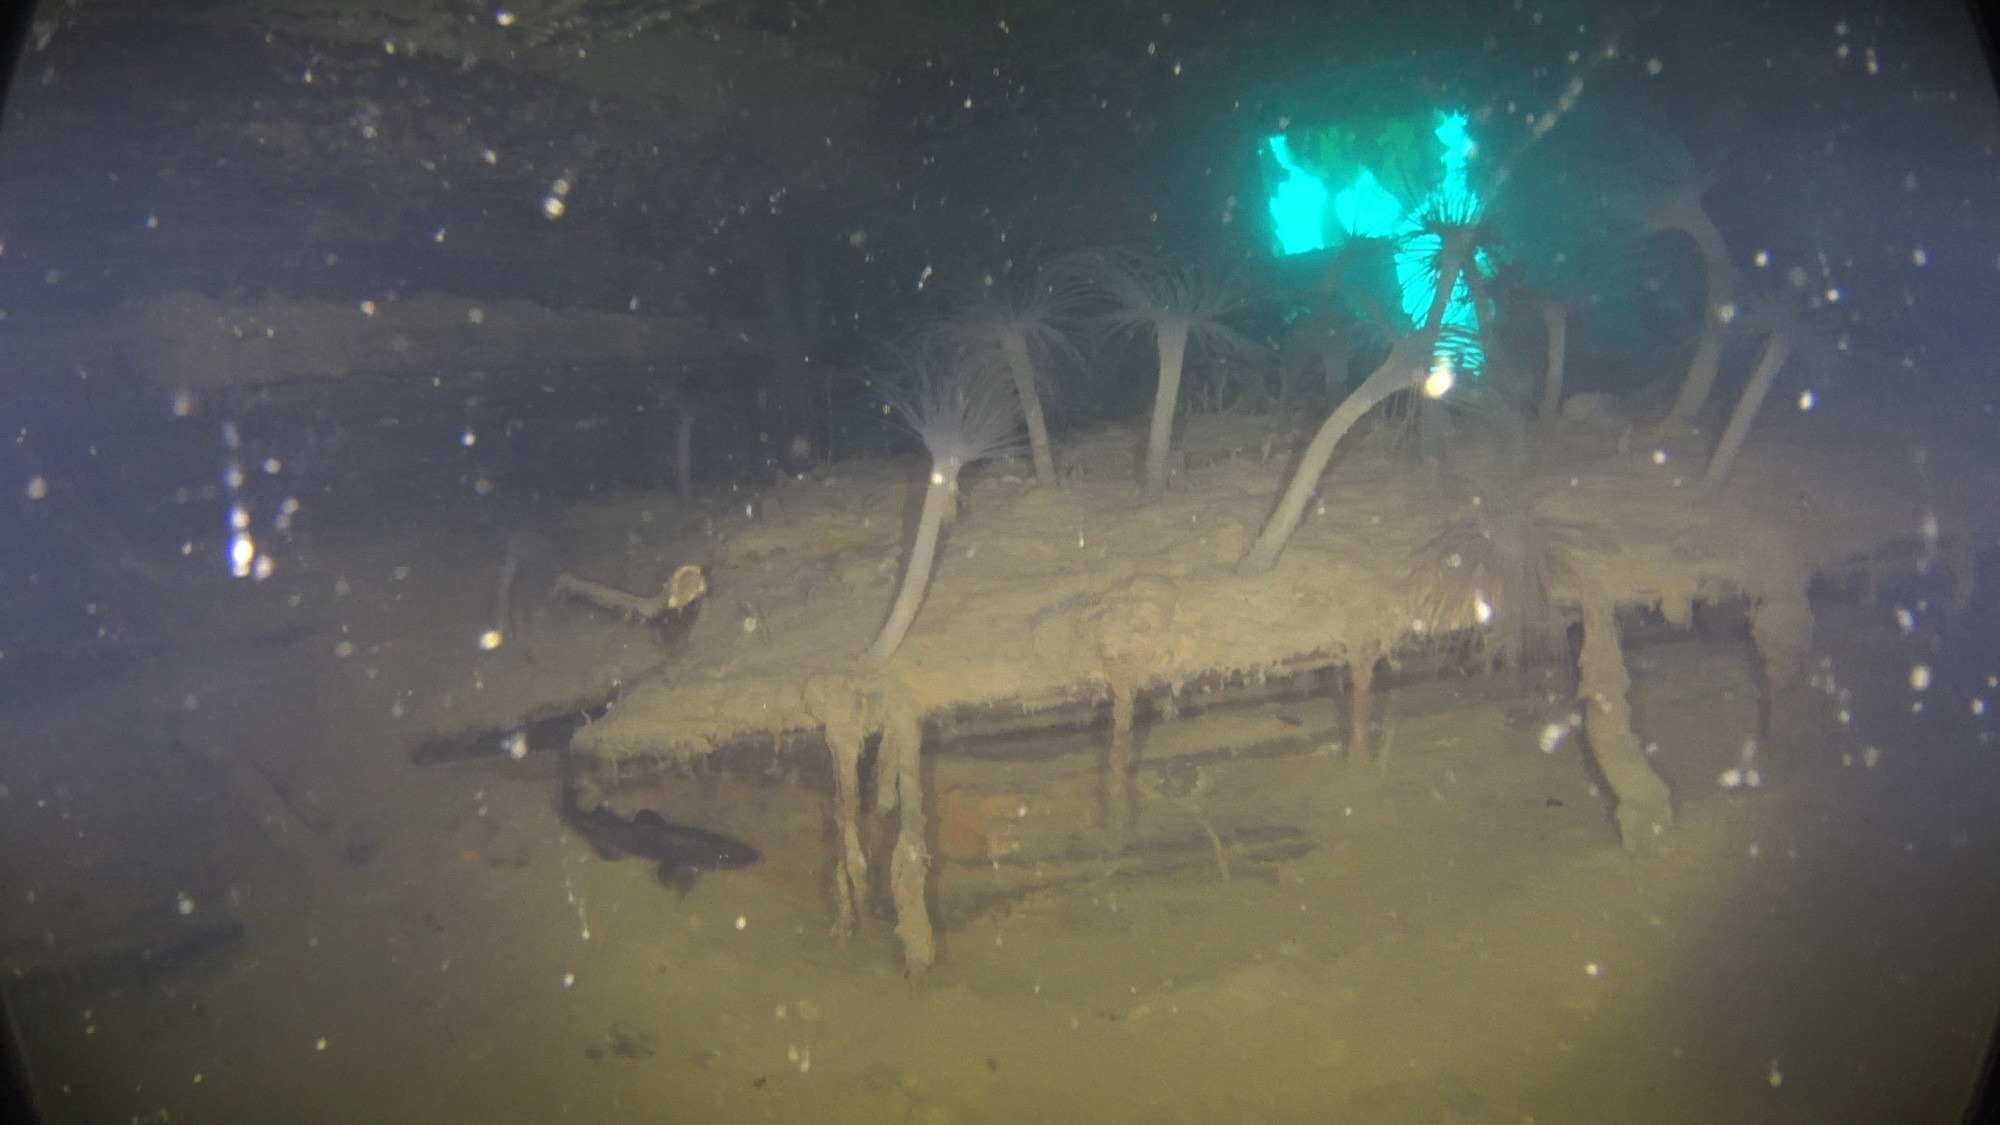 Cum arată epava unei corăbii legendare. A dispărut misterios în 1845